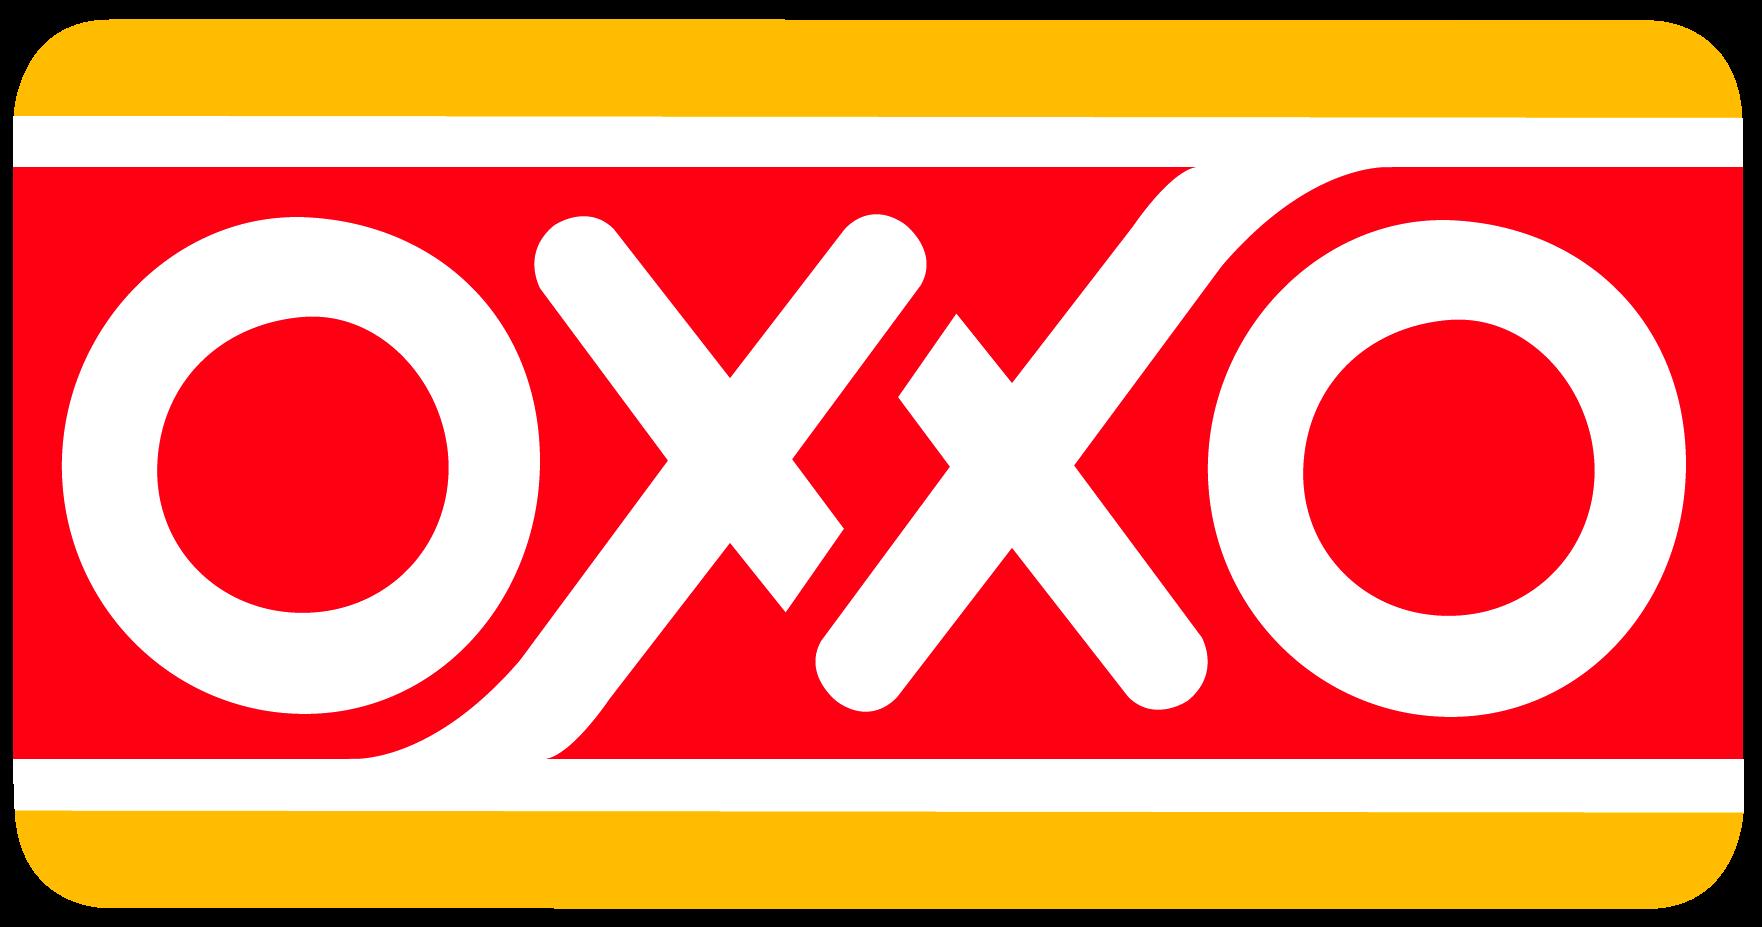 oxxo-02